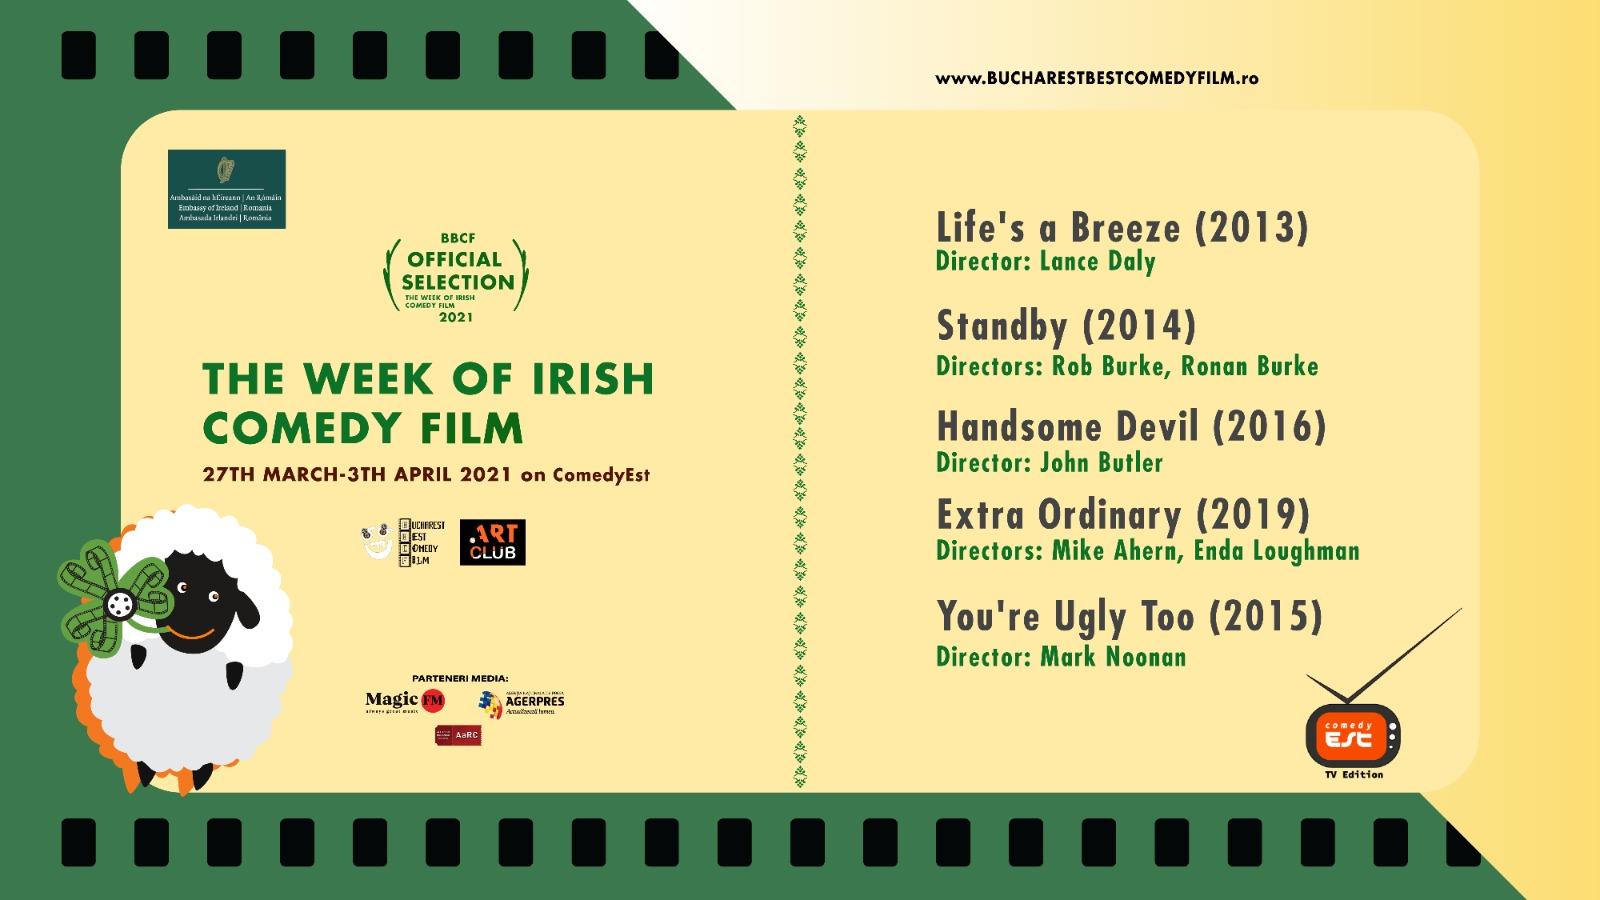 Selectia de filme BBCF2021